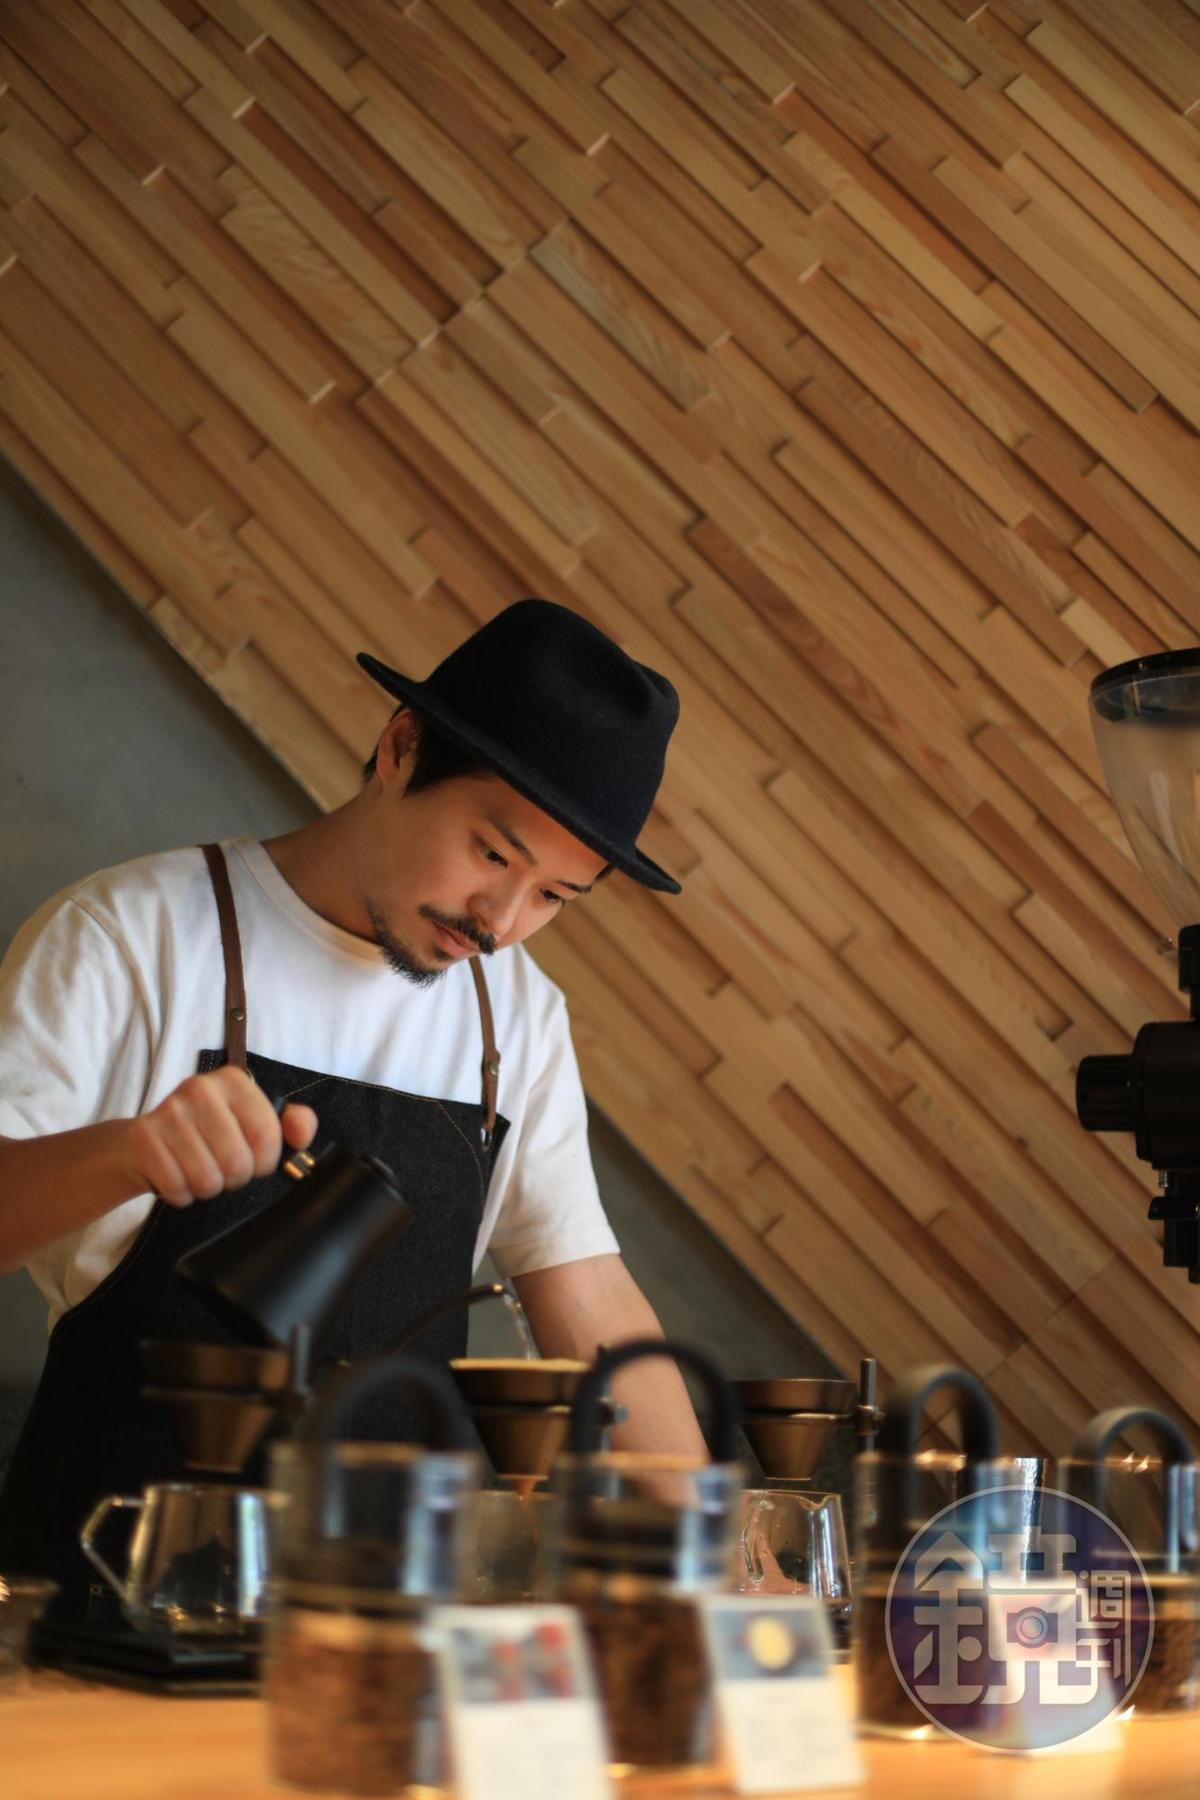 咖啡師小林貴典喜歡使用單品豆,以手沖展現豆子最原始的風土滋味。